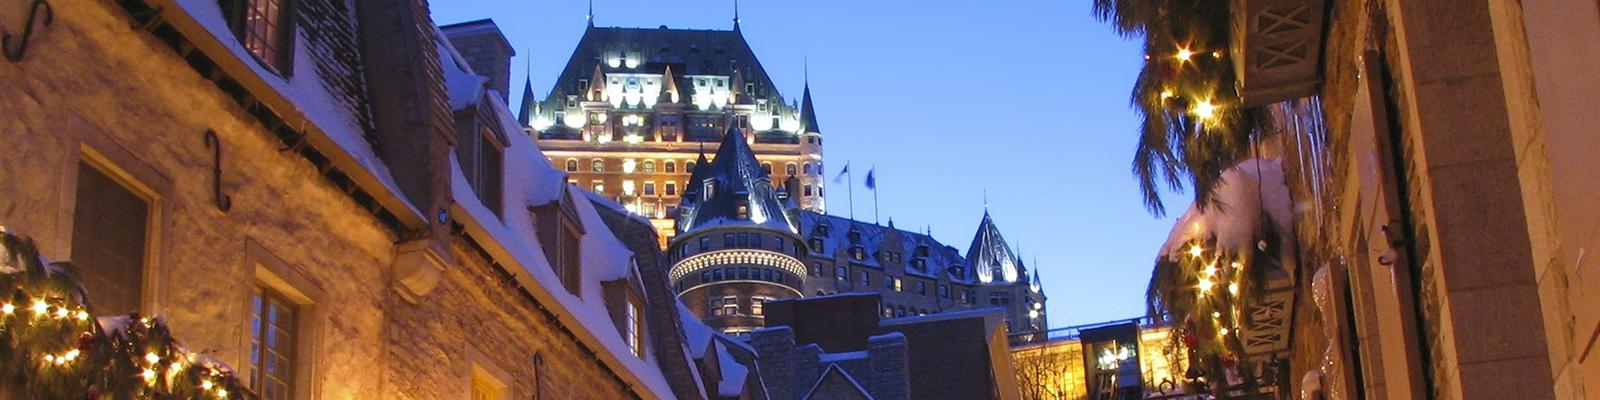 Ville de Québec | Chateau Frontenac